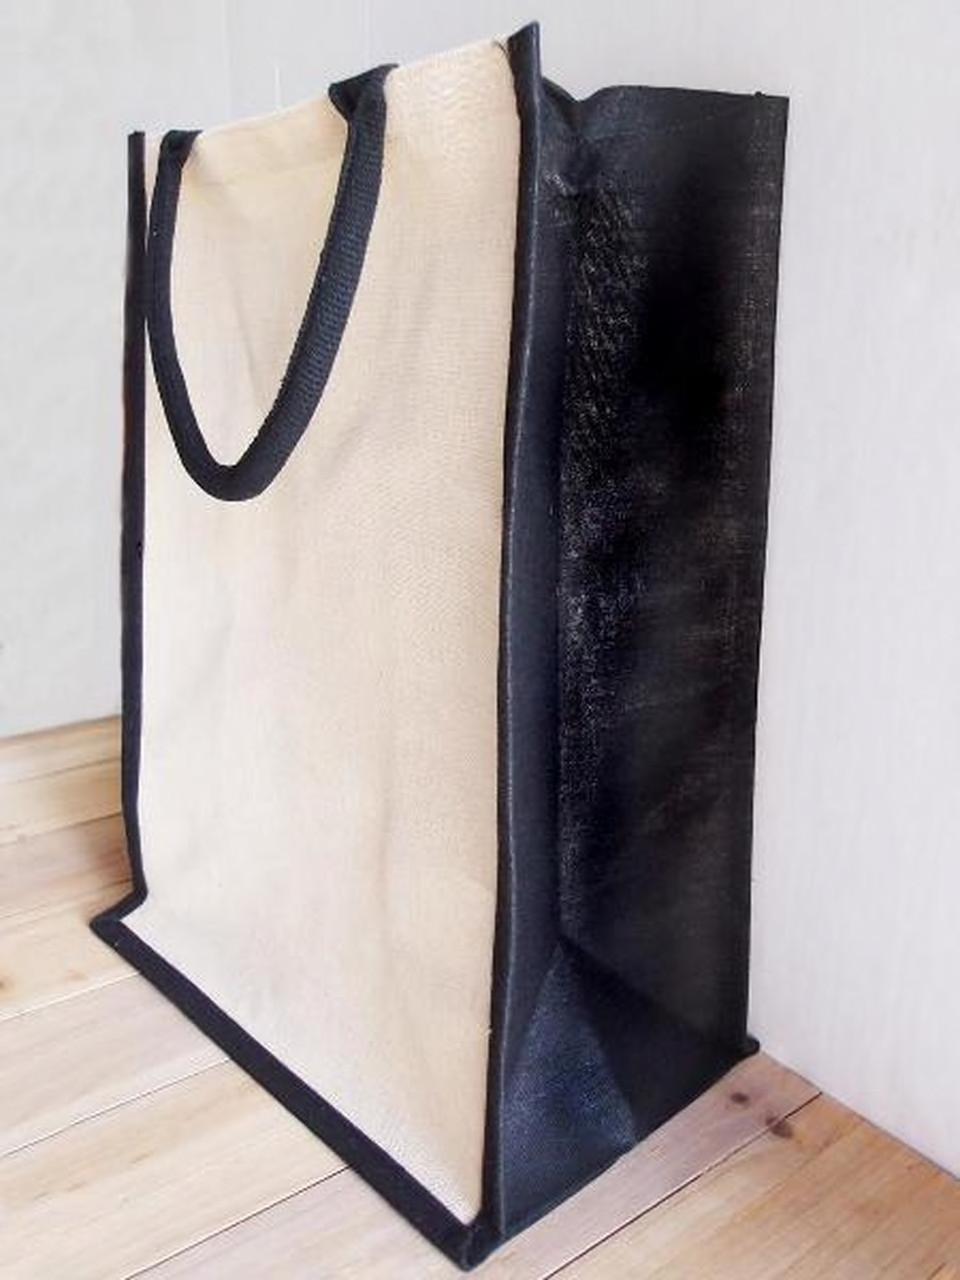 Elegant Jute Tote Bags, Rustic Burlap Tote Bags